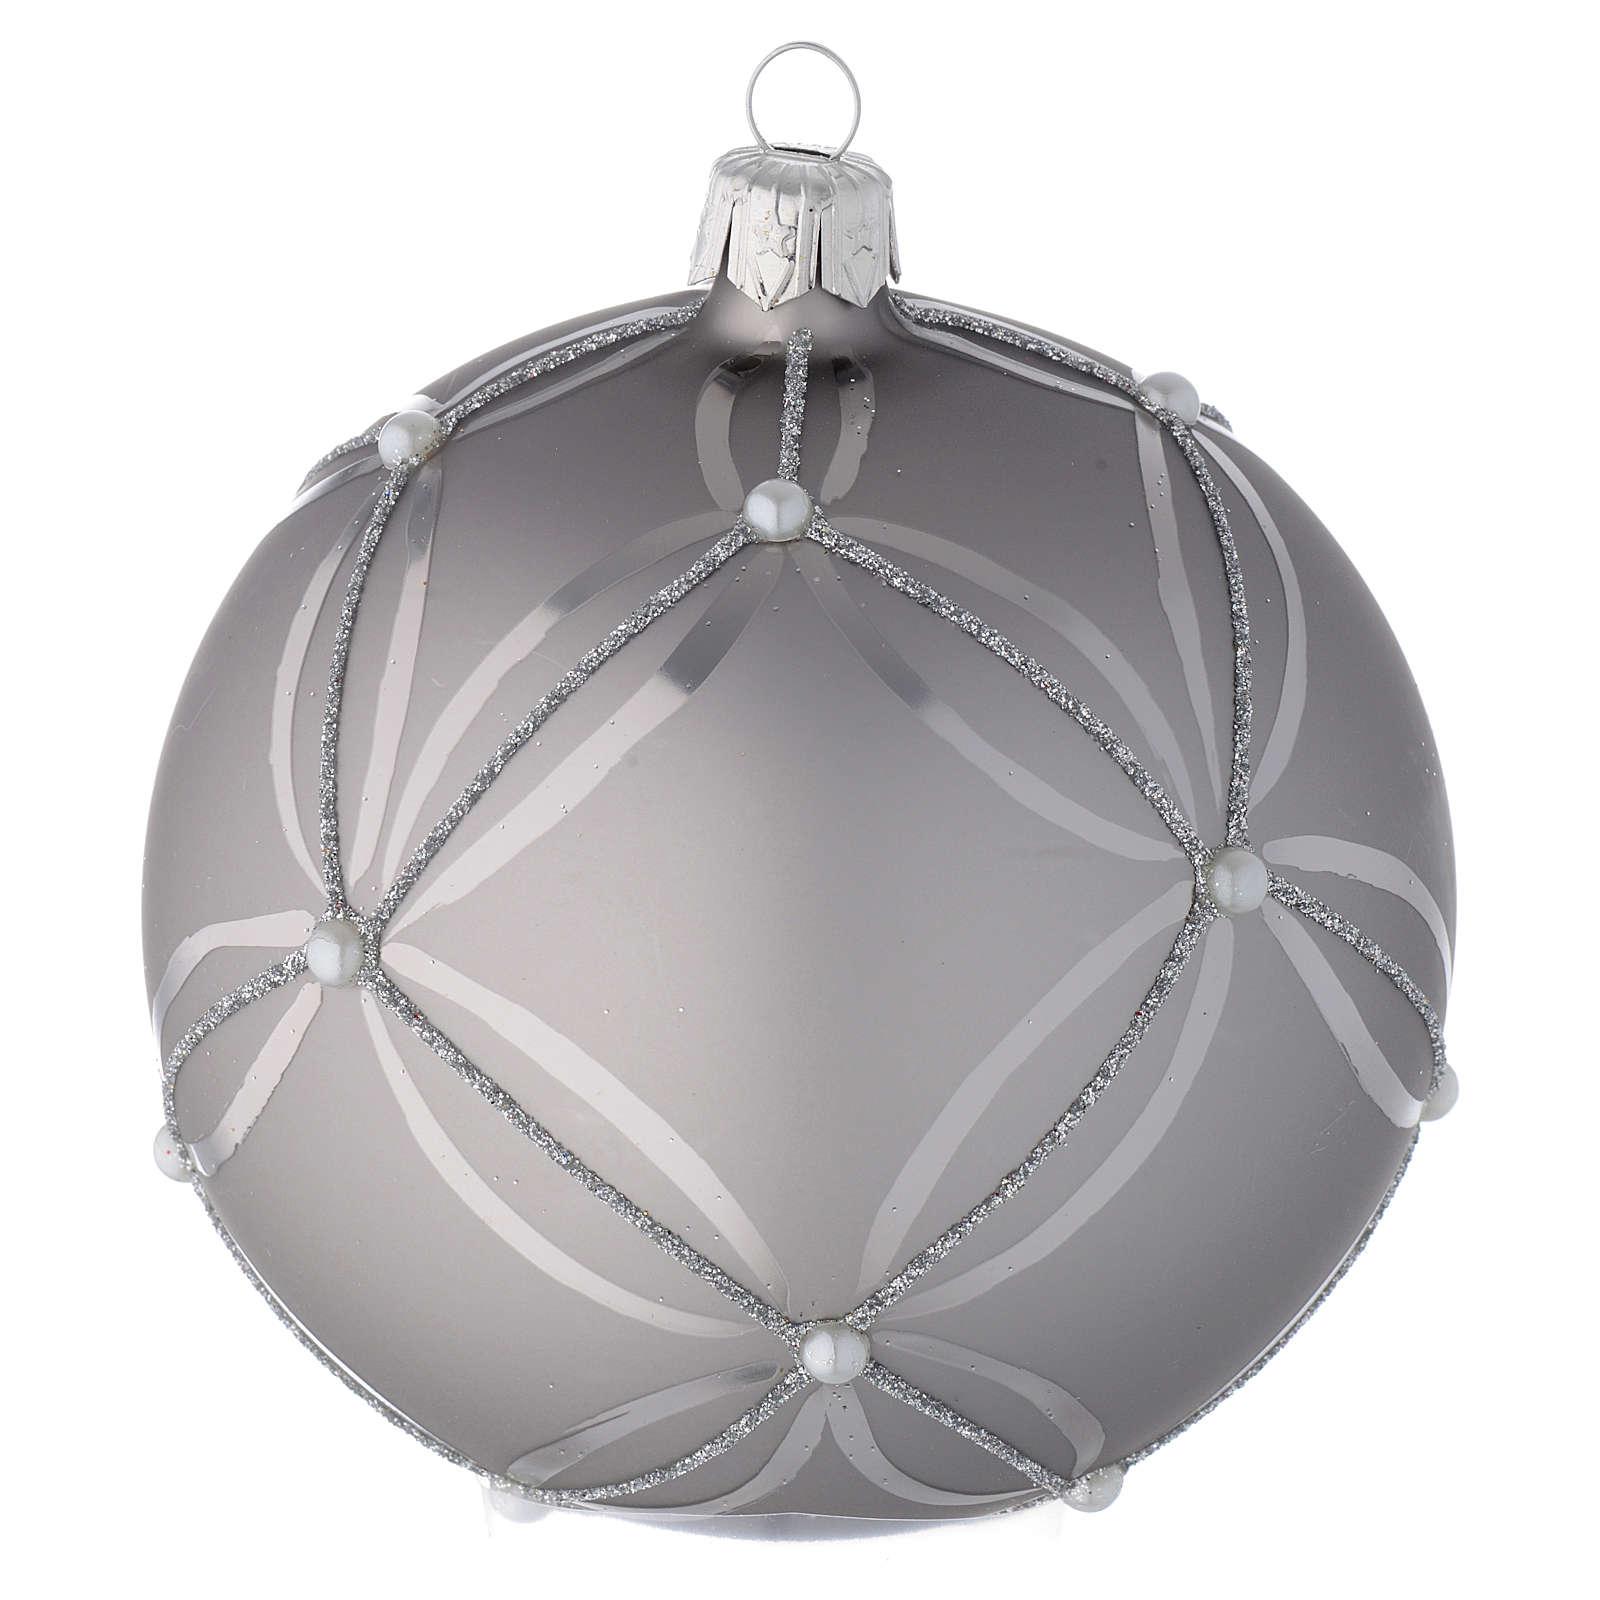 Bombka bożonarodzeniowa  szkło koloru srebrnego lśniąca/ matowa 100mm 4